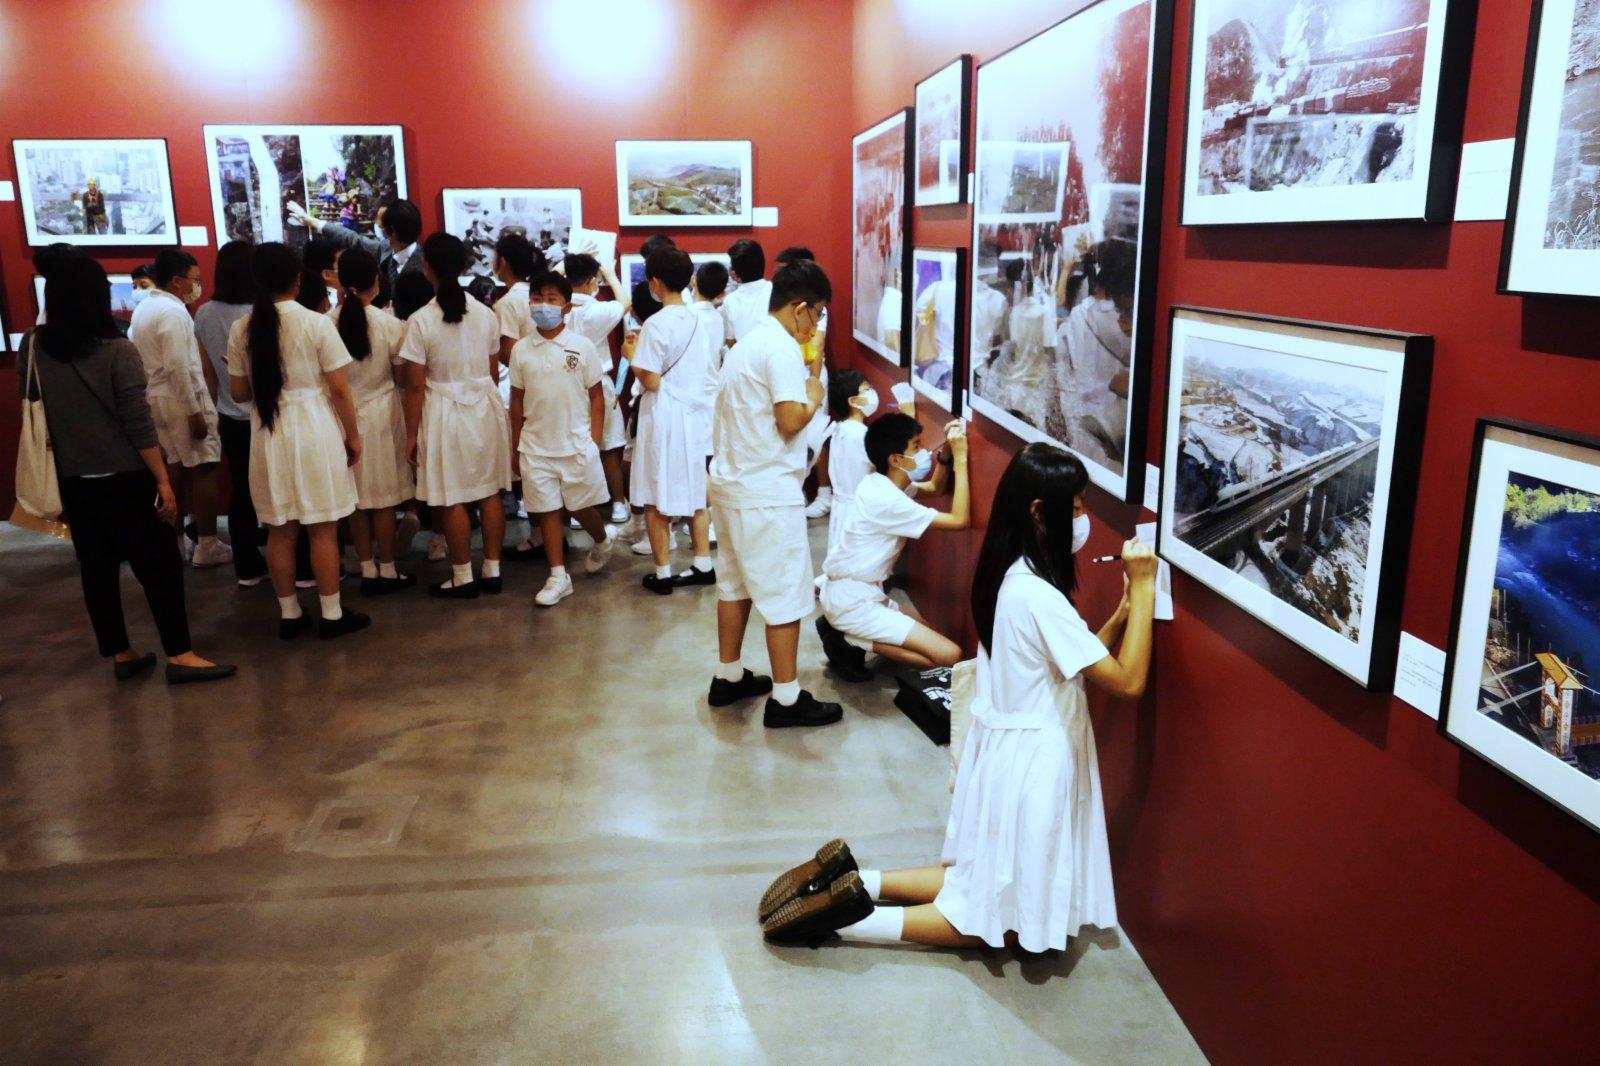 10月11日,小學生在參觀展覽。(新華社)